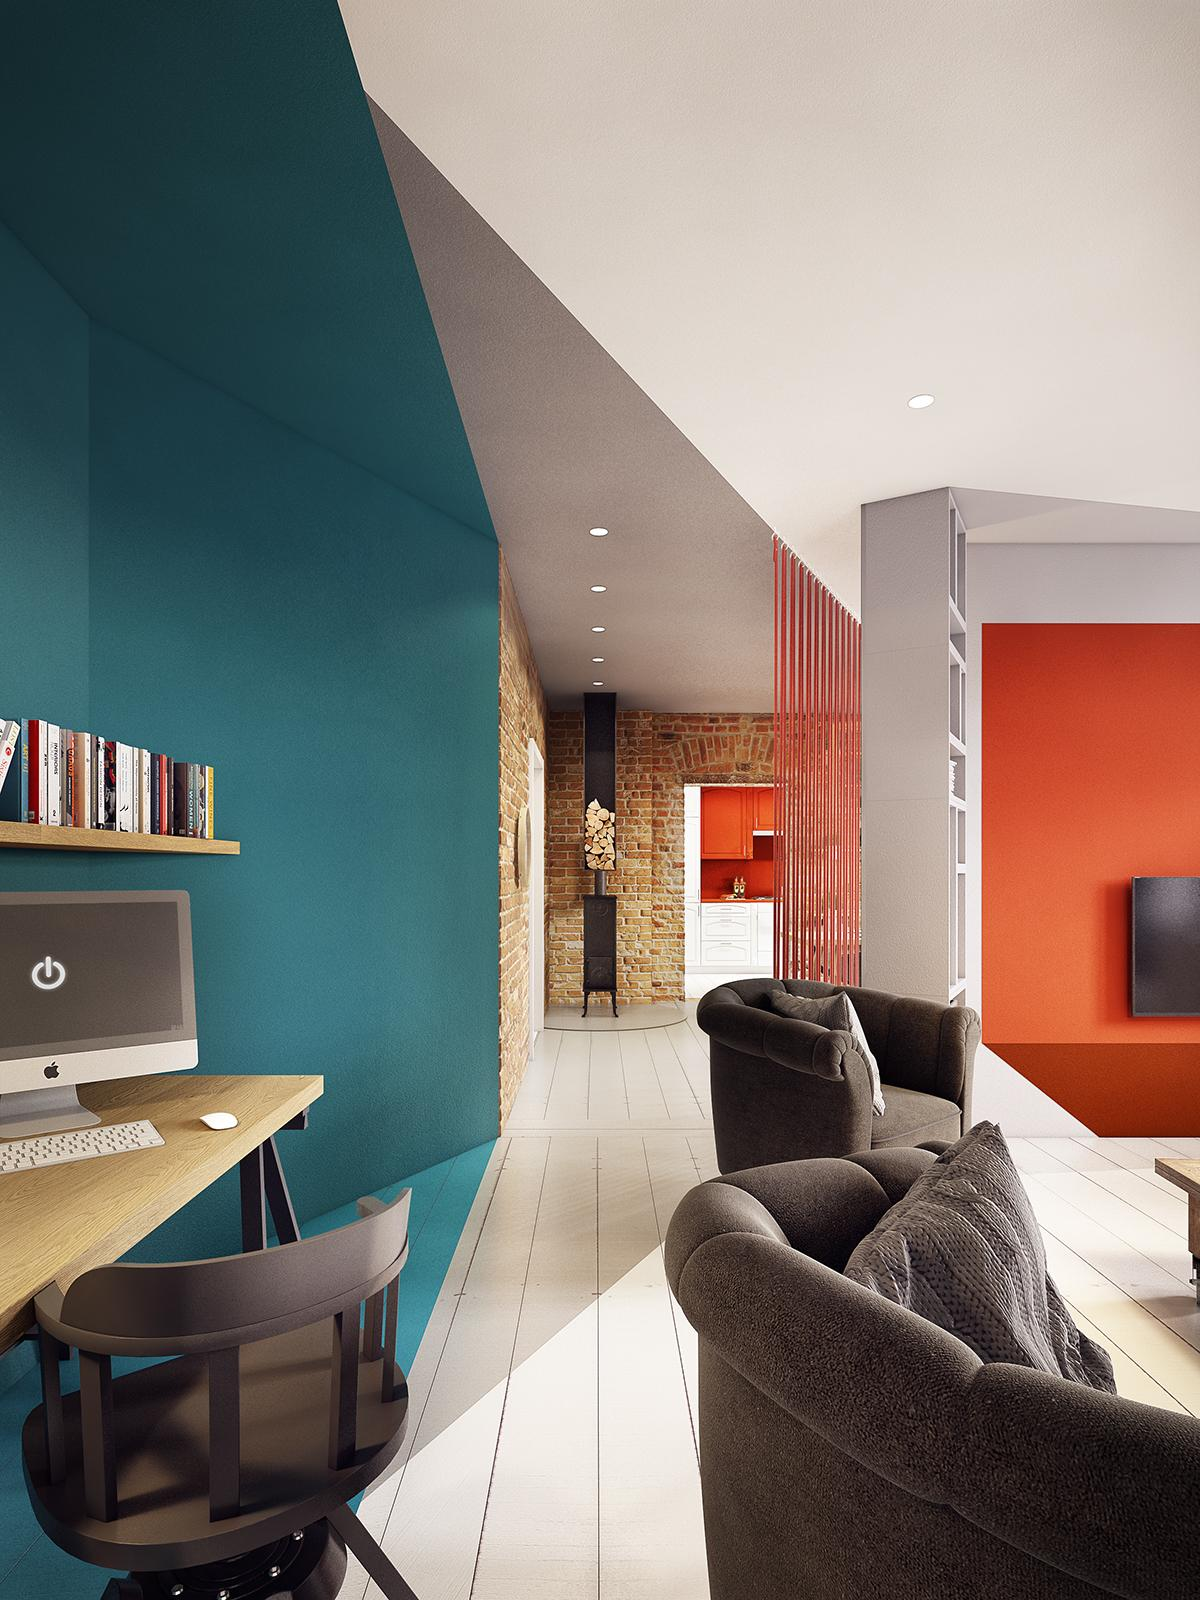 arredamento rustico interior design : Salotto Rustico Con Muro In Mattoni E Stufa A Legna Interior Design: E ...